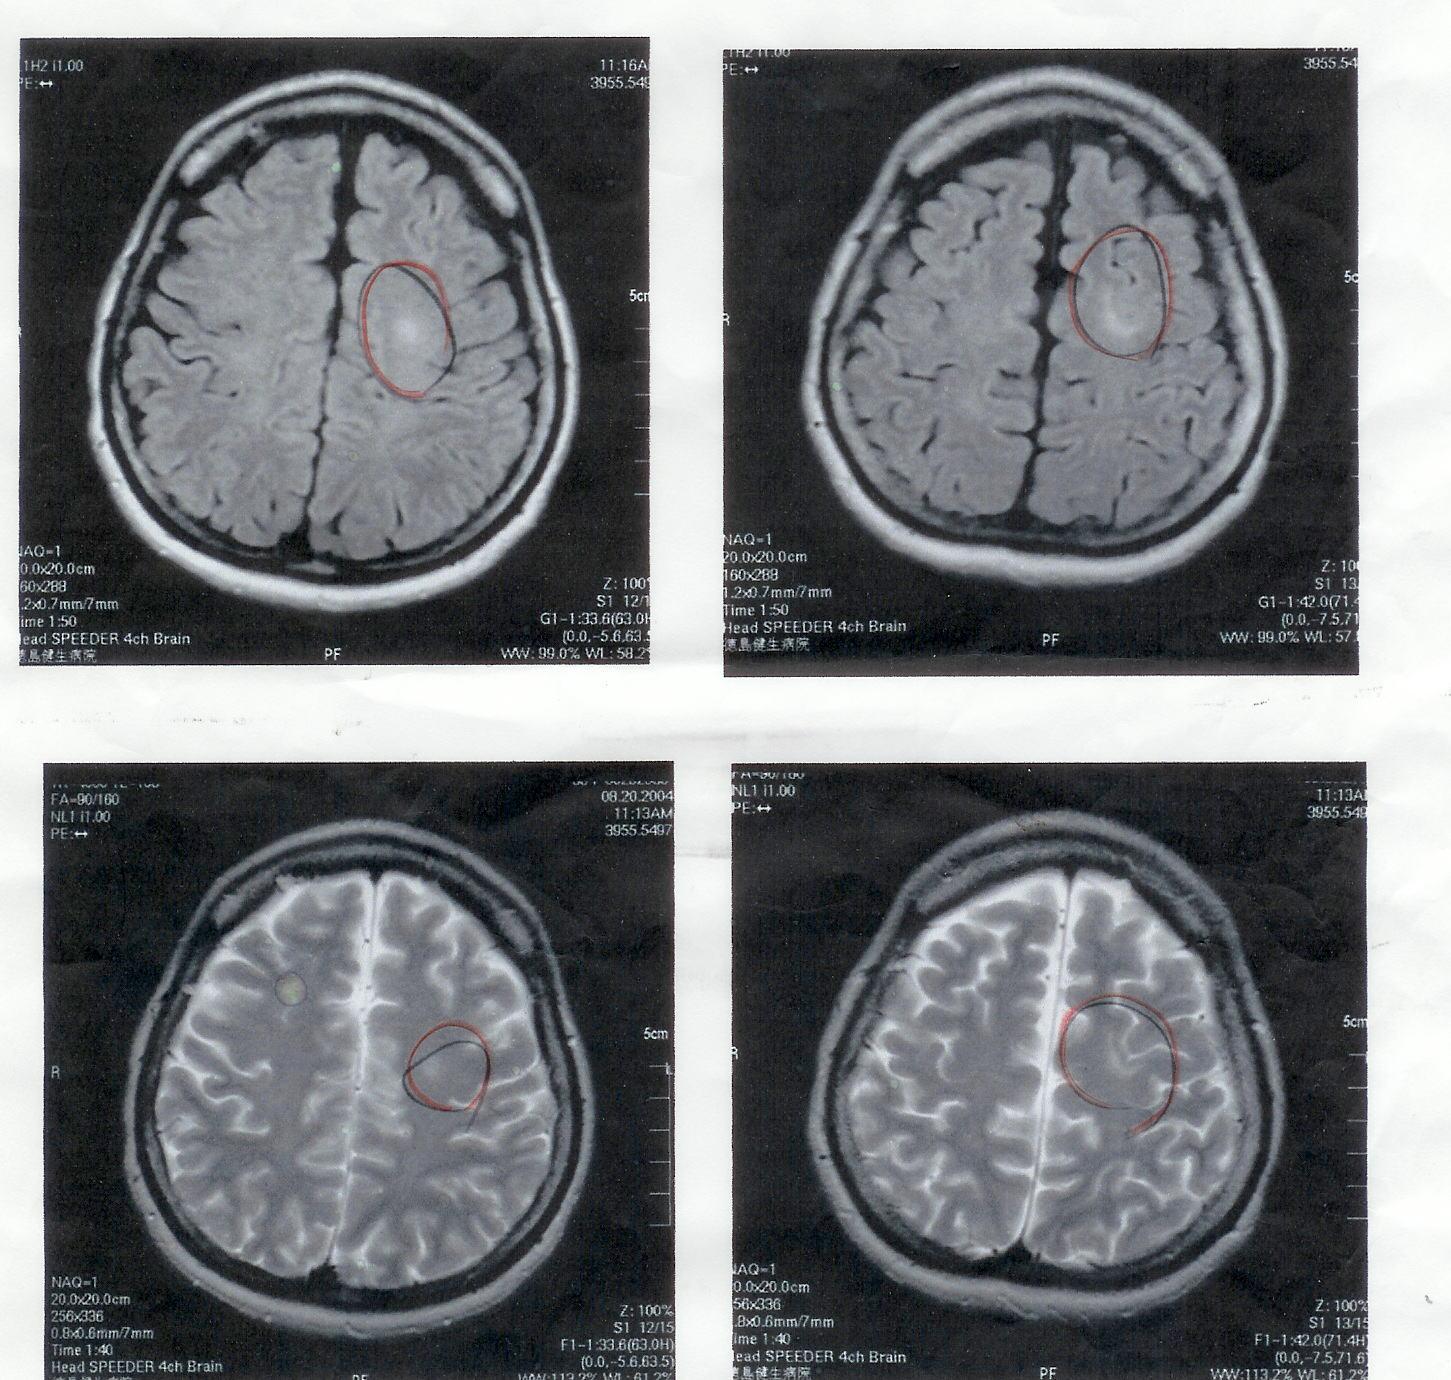 気功論文:脳腫瘍患者のMRI検査画像4